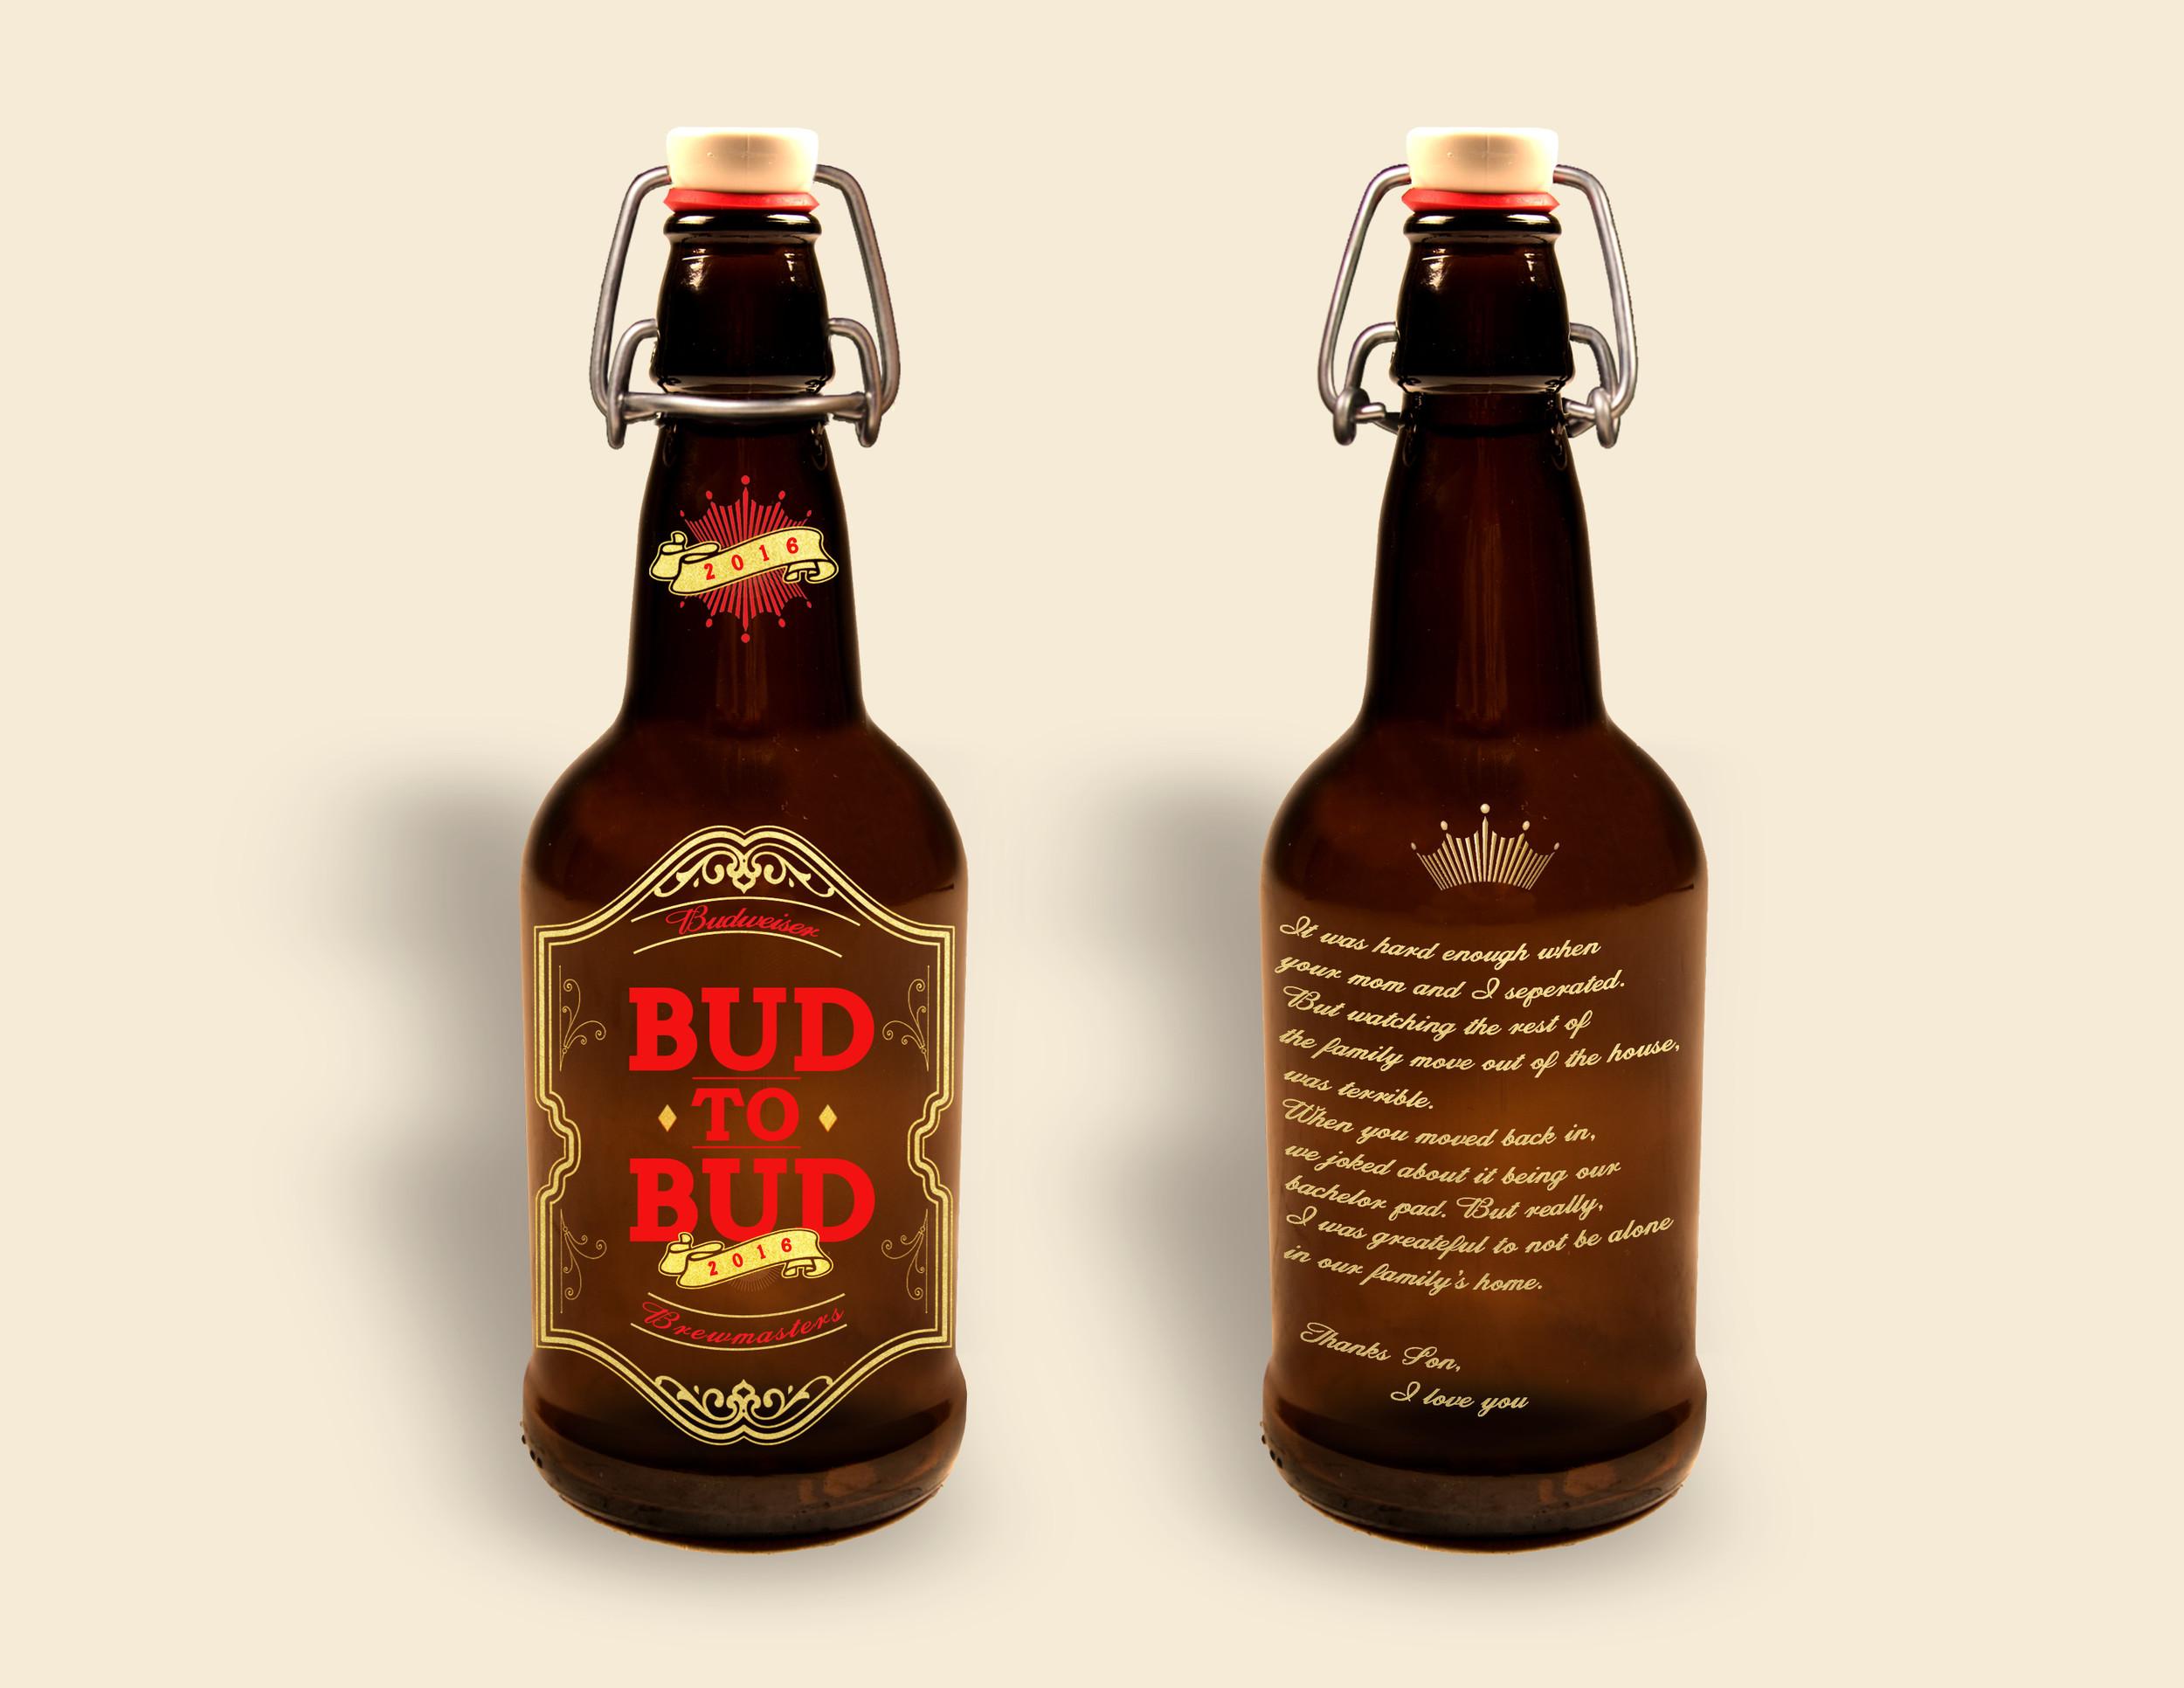 BUD_Bottle_To-Son.jpg